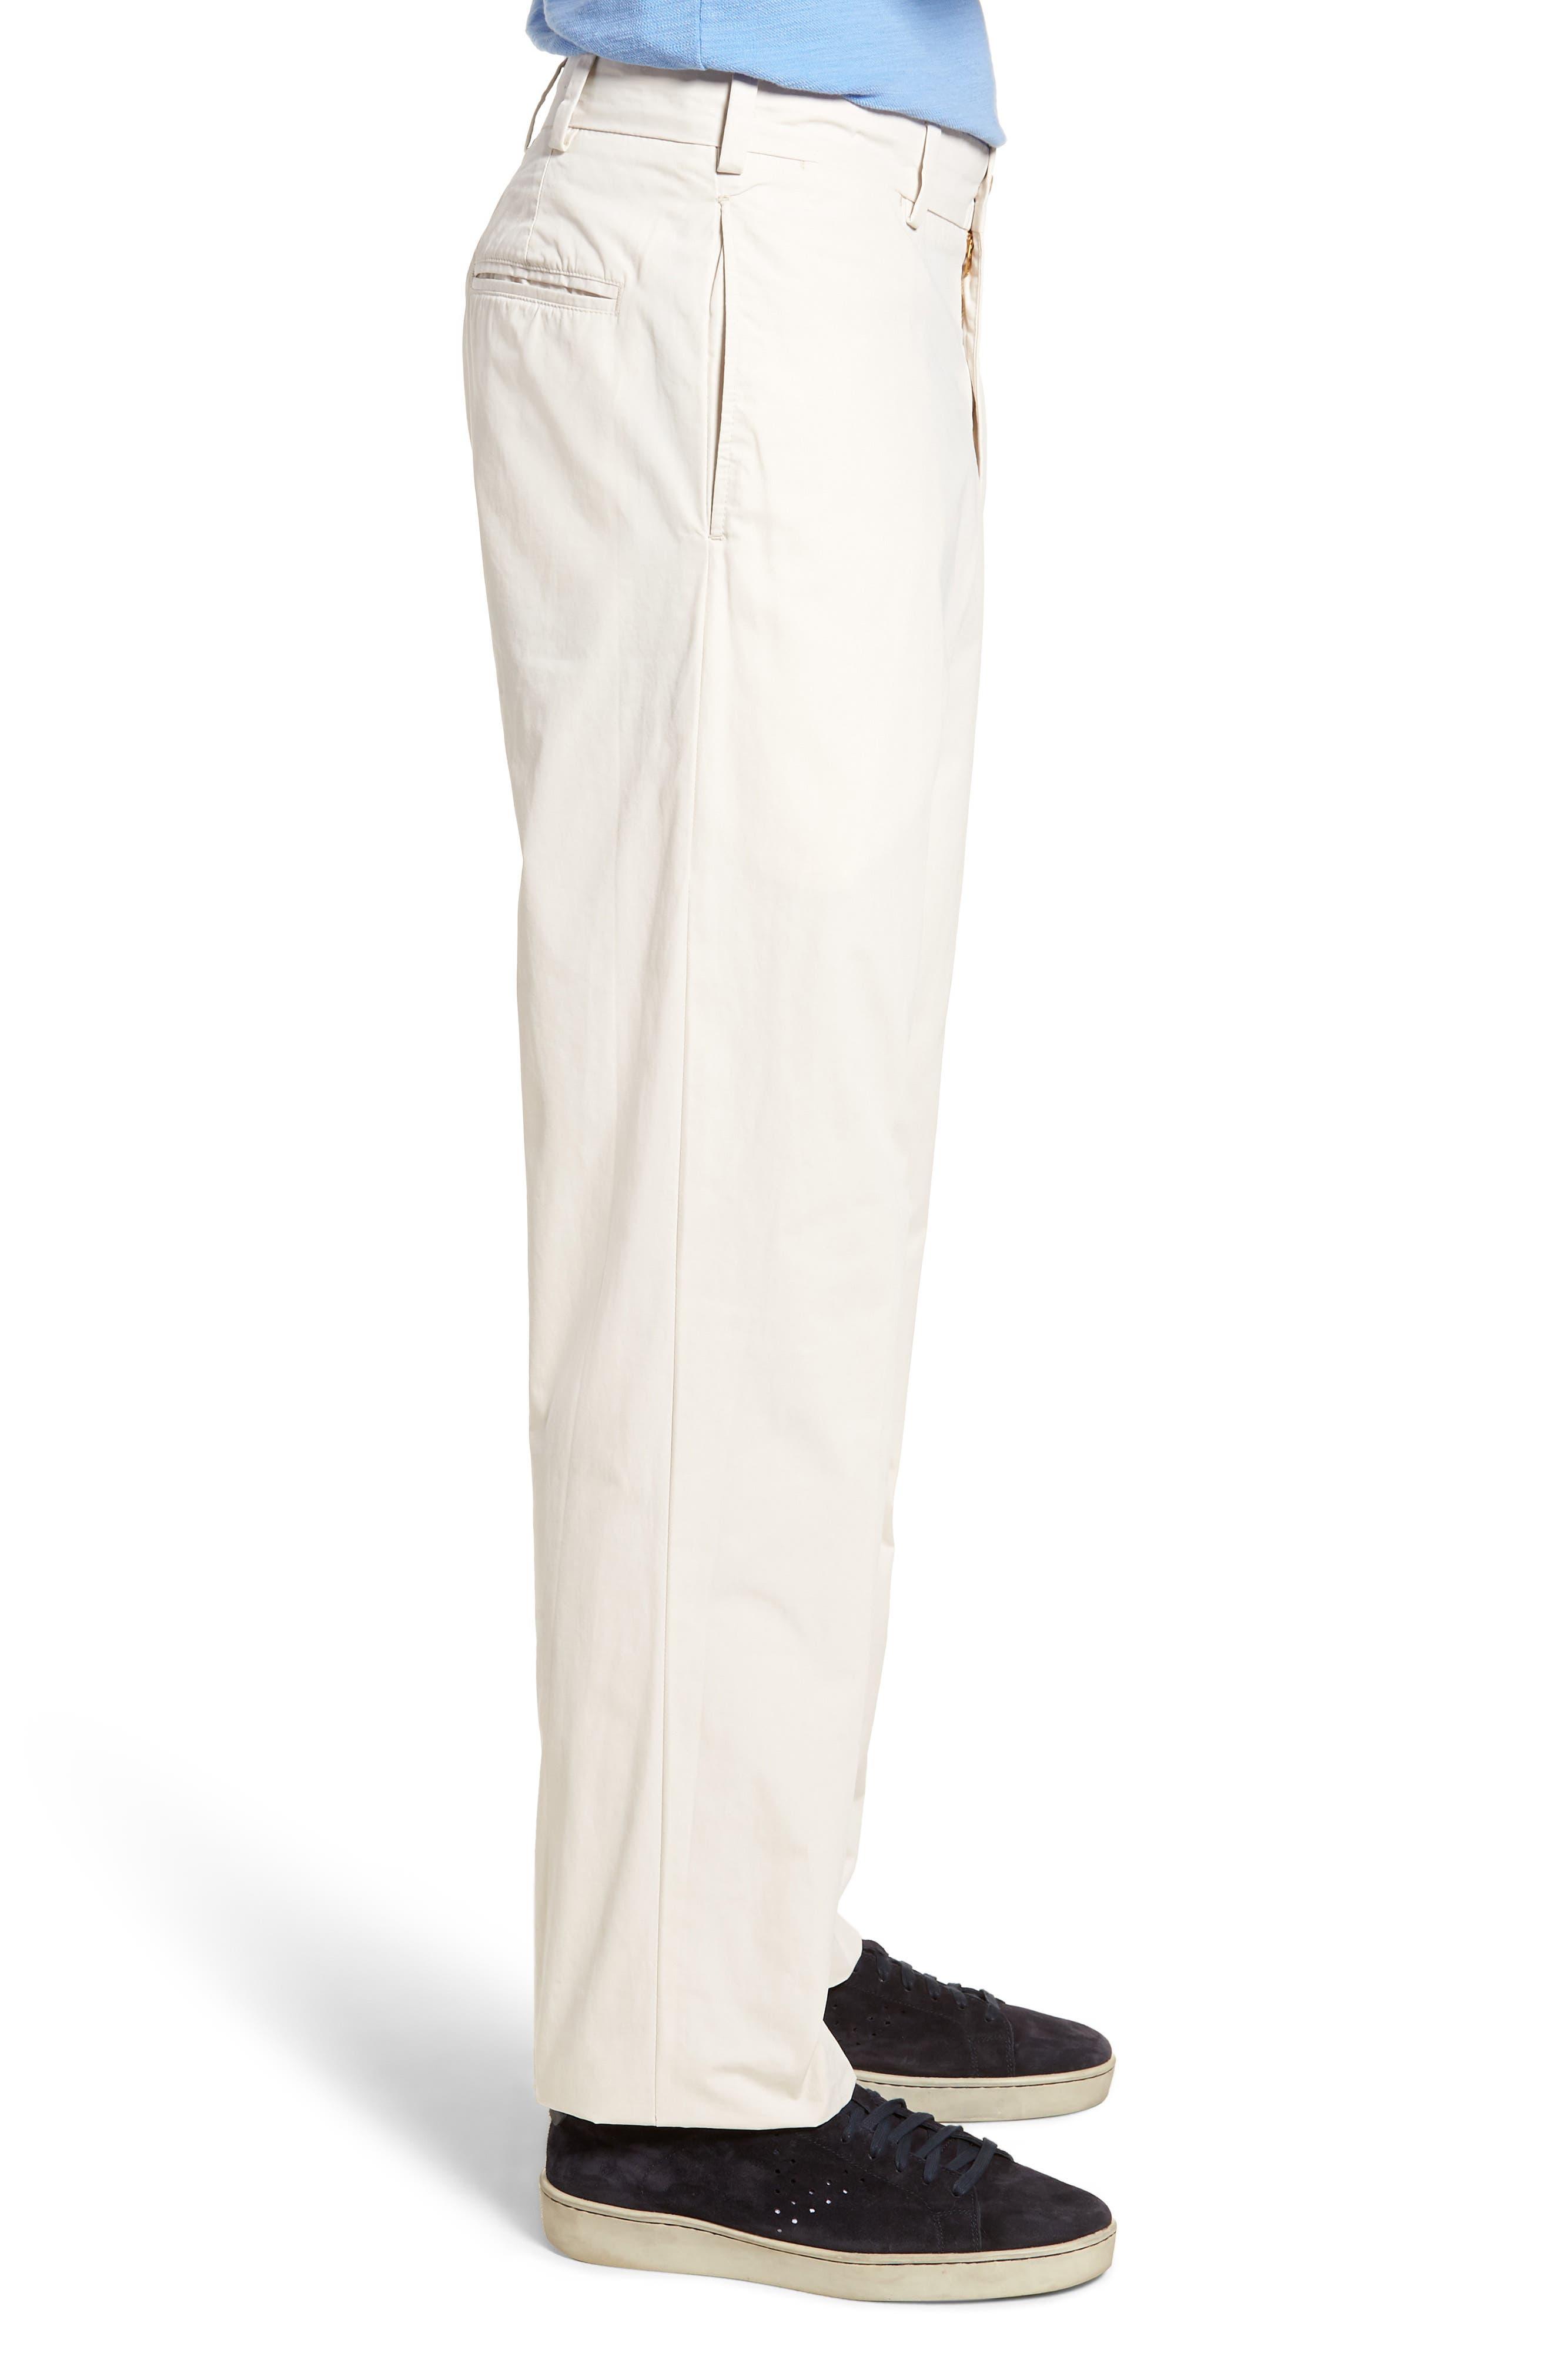 M2 Classic Fit Flat Front Tropical Cotton Poplin Pants,                             Alternate thumbnail 3, color,                             Sand